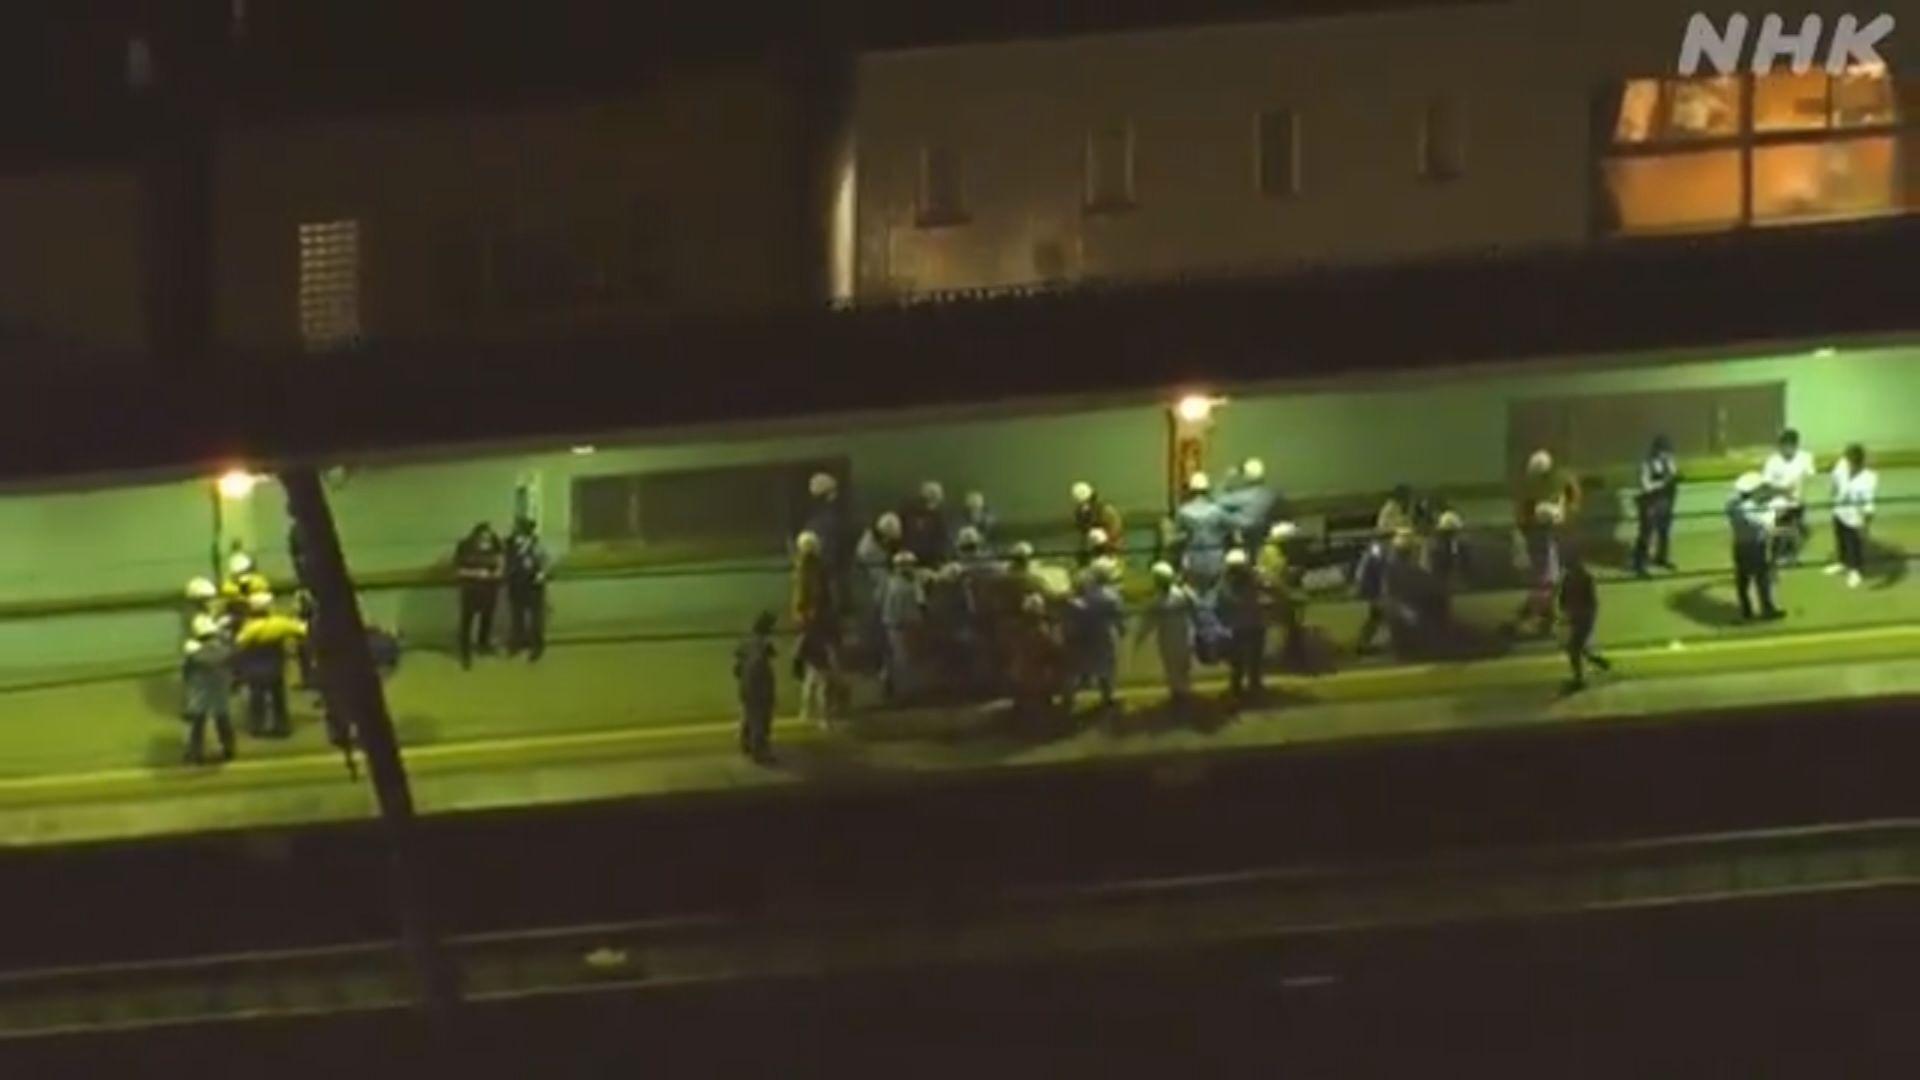 日本東京火車持刀襲擊案 至少10人受傷